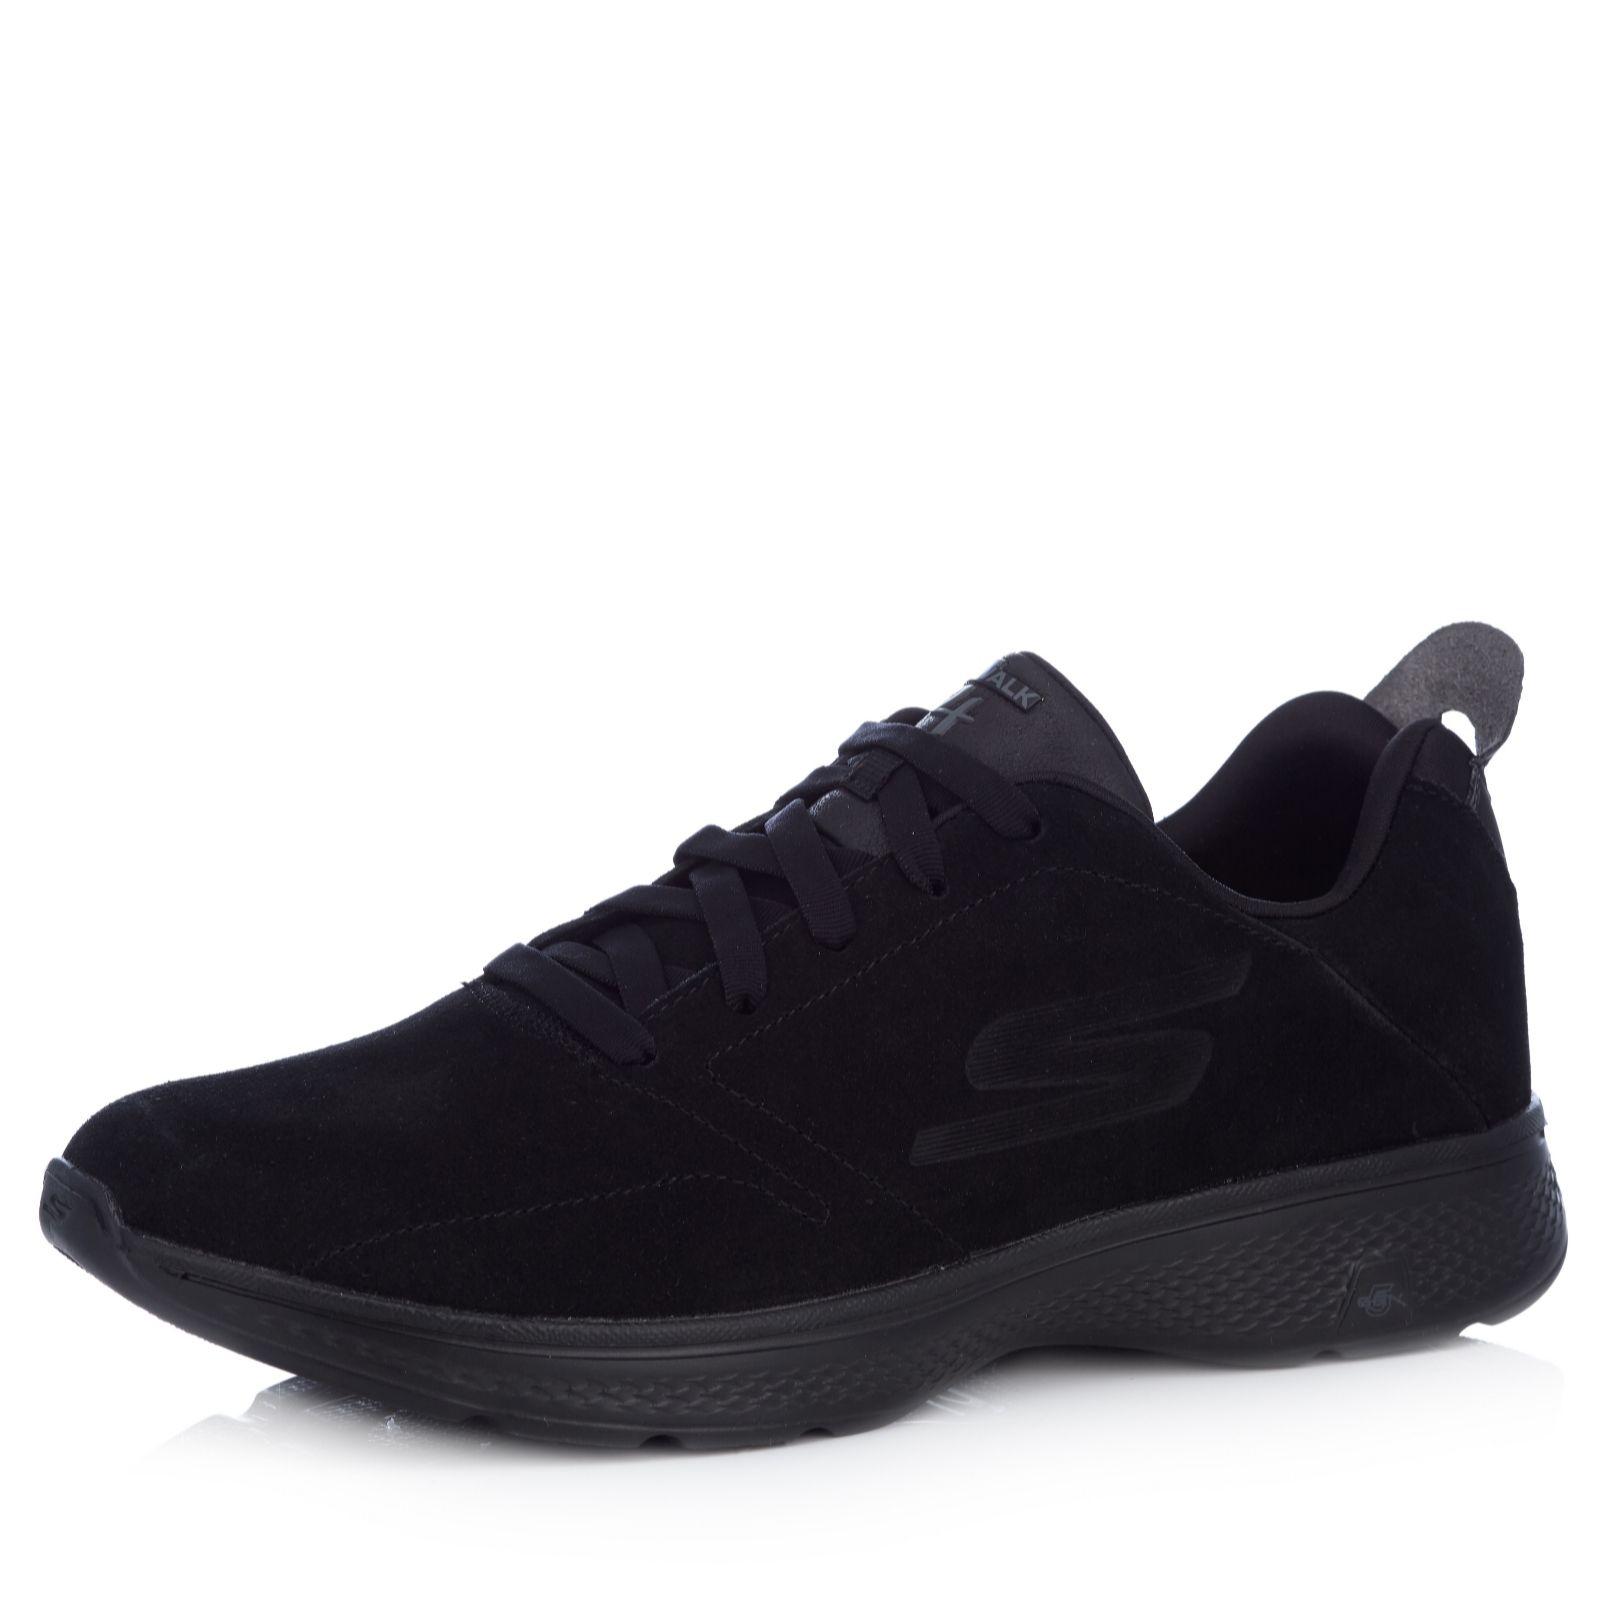 Skechers GOwalk 4 Acclaim Men's Suede Lace Up Shoe - 167926